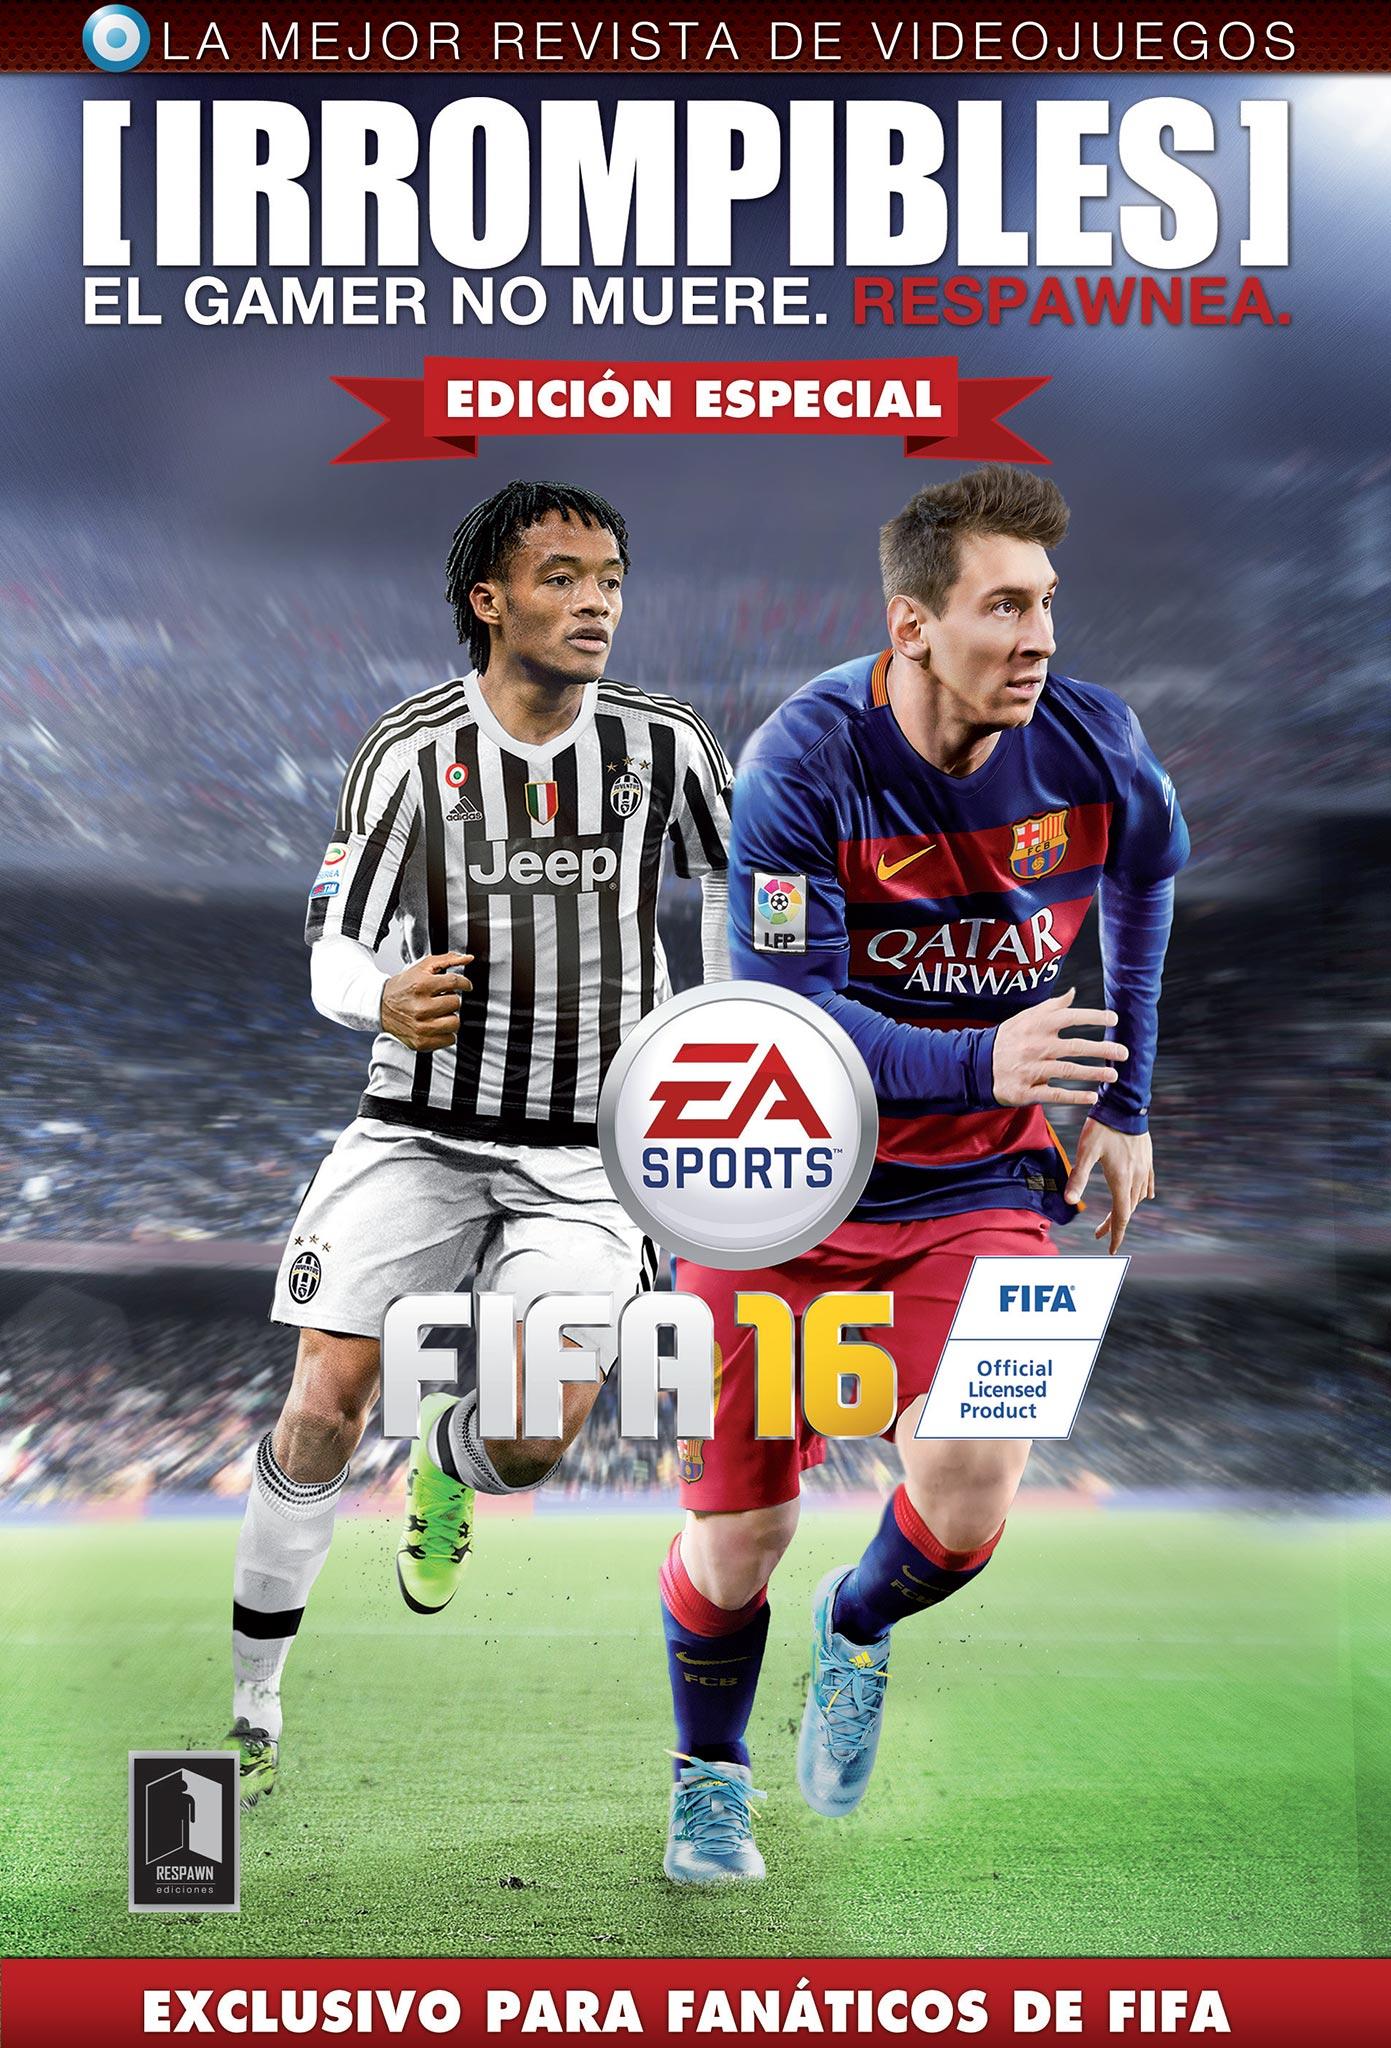 irrompibles FIFA16